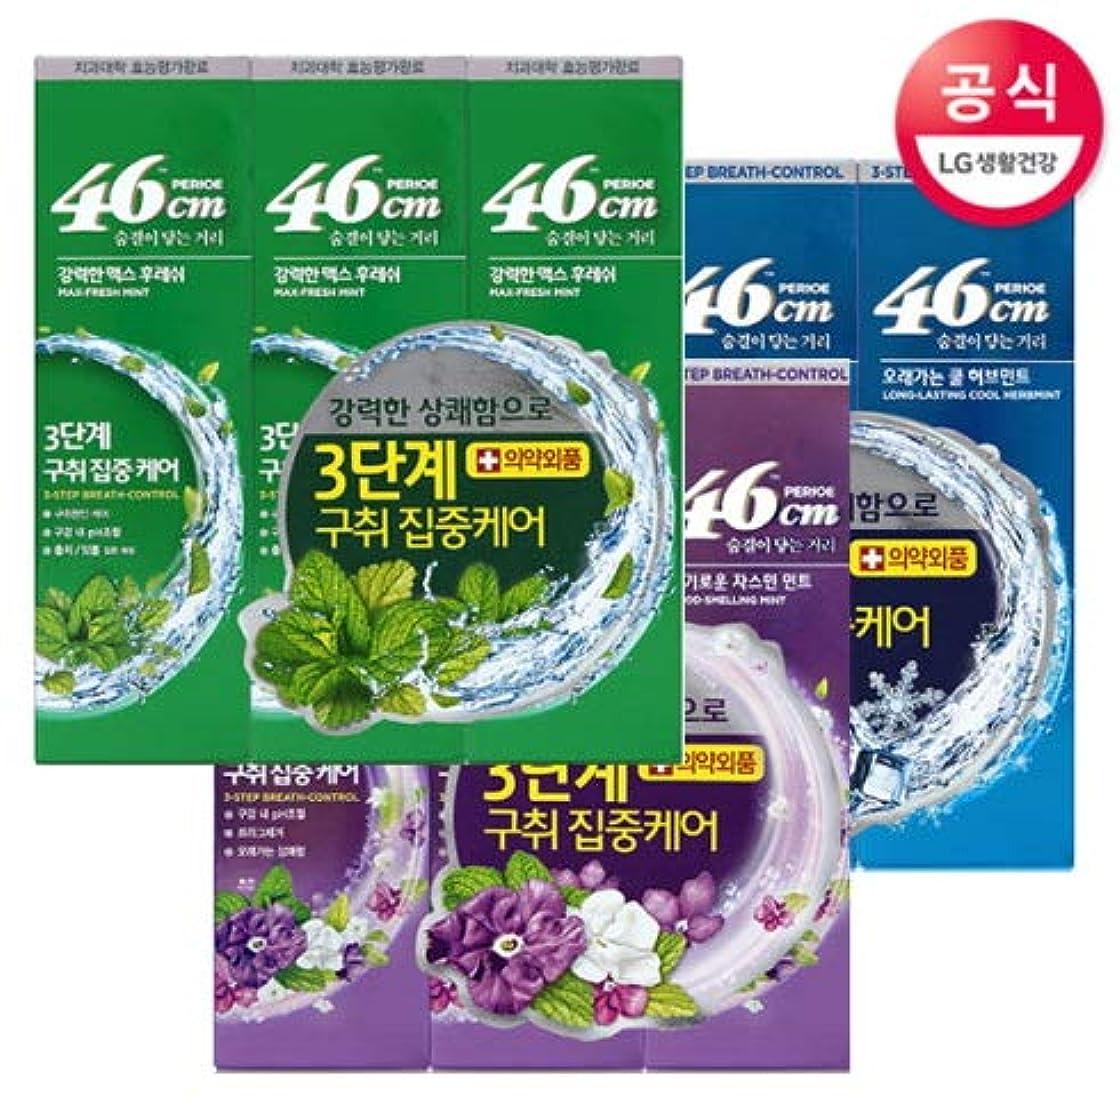 高速道路不機嫌犯人[LG HnB] Perio 46cm toothpaste /ペリオ46cm歯磨き粉 100gx9個(海外直送品)